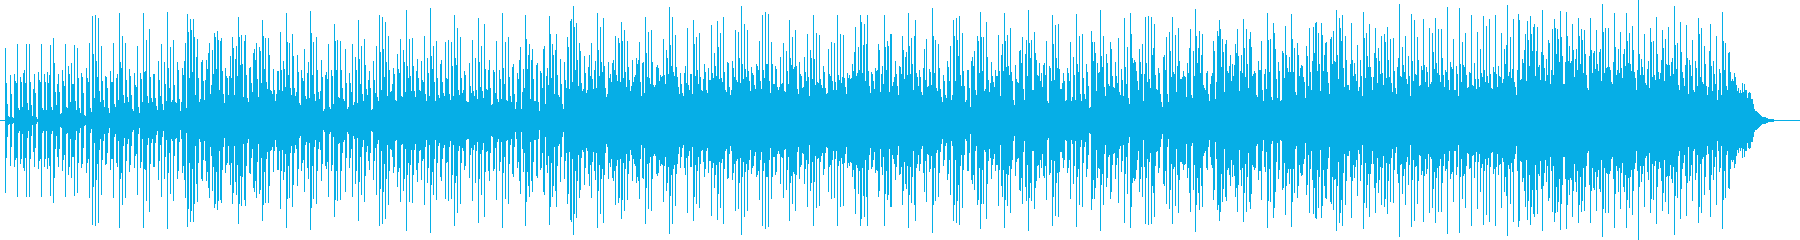 パーカッション中心のポップスの再生済みの波形